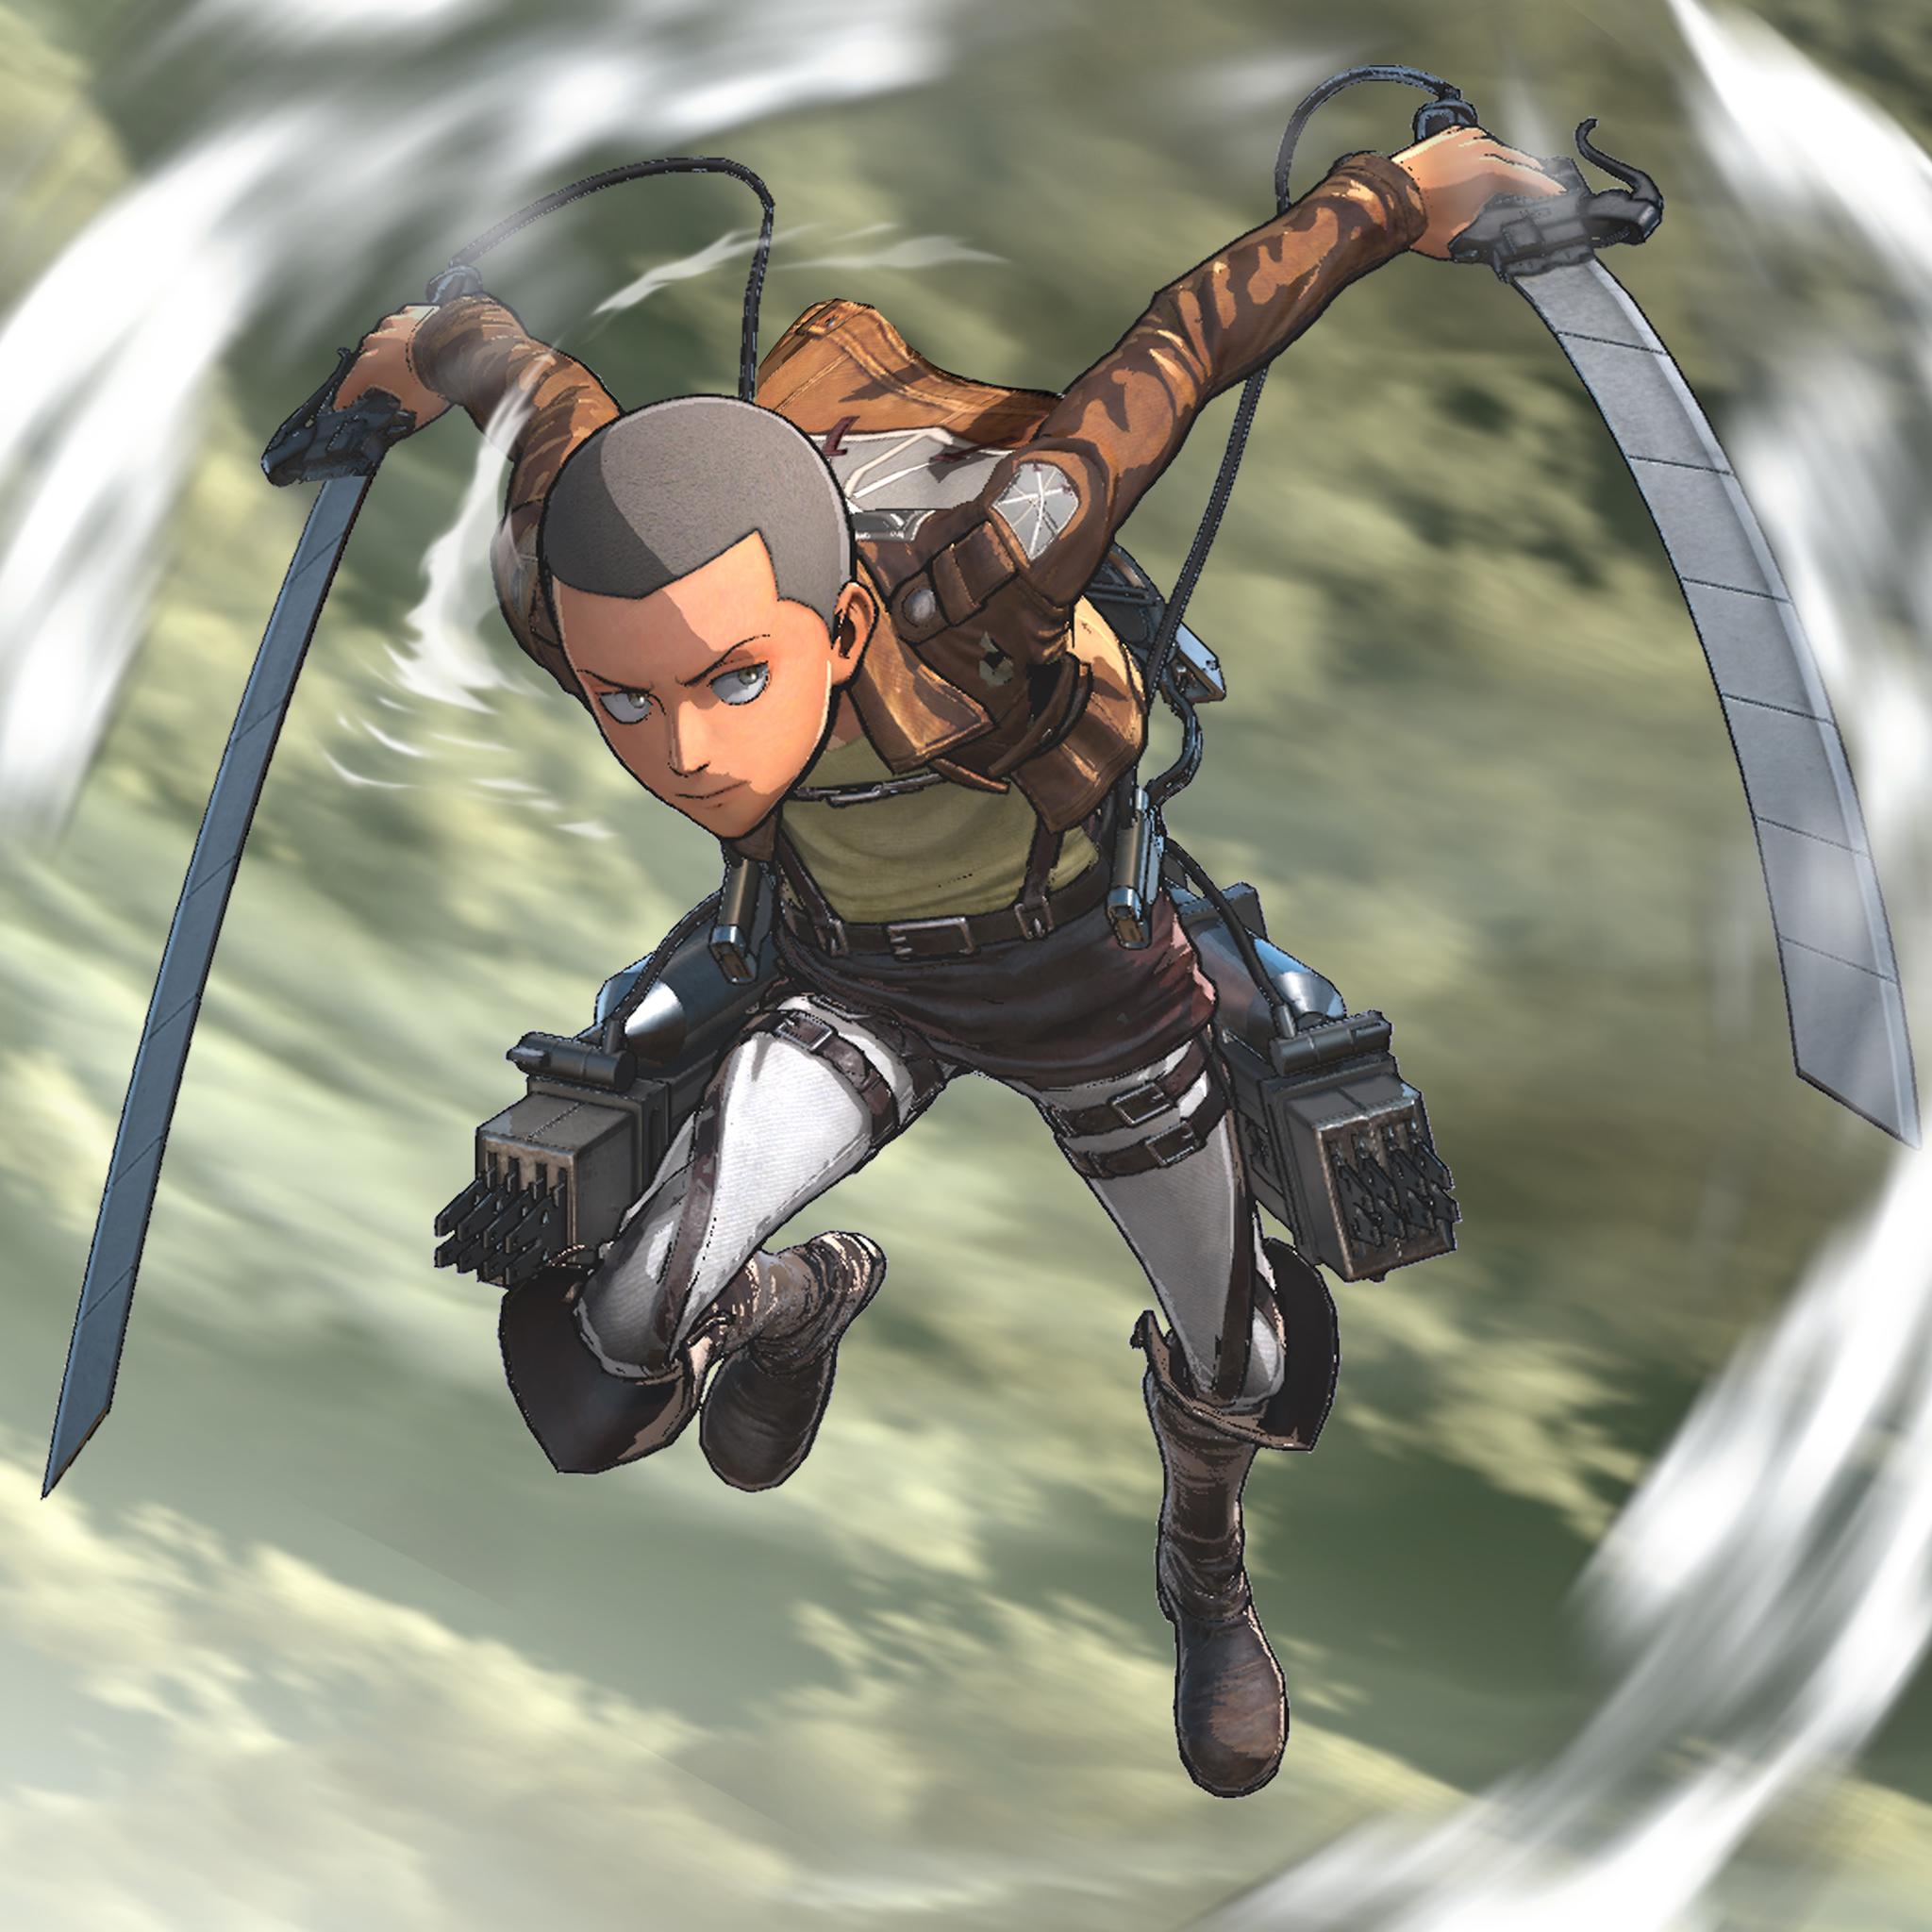 Attack on Titan vychází v srpnu také na Xbox One a PC 122027